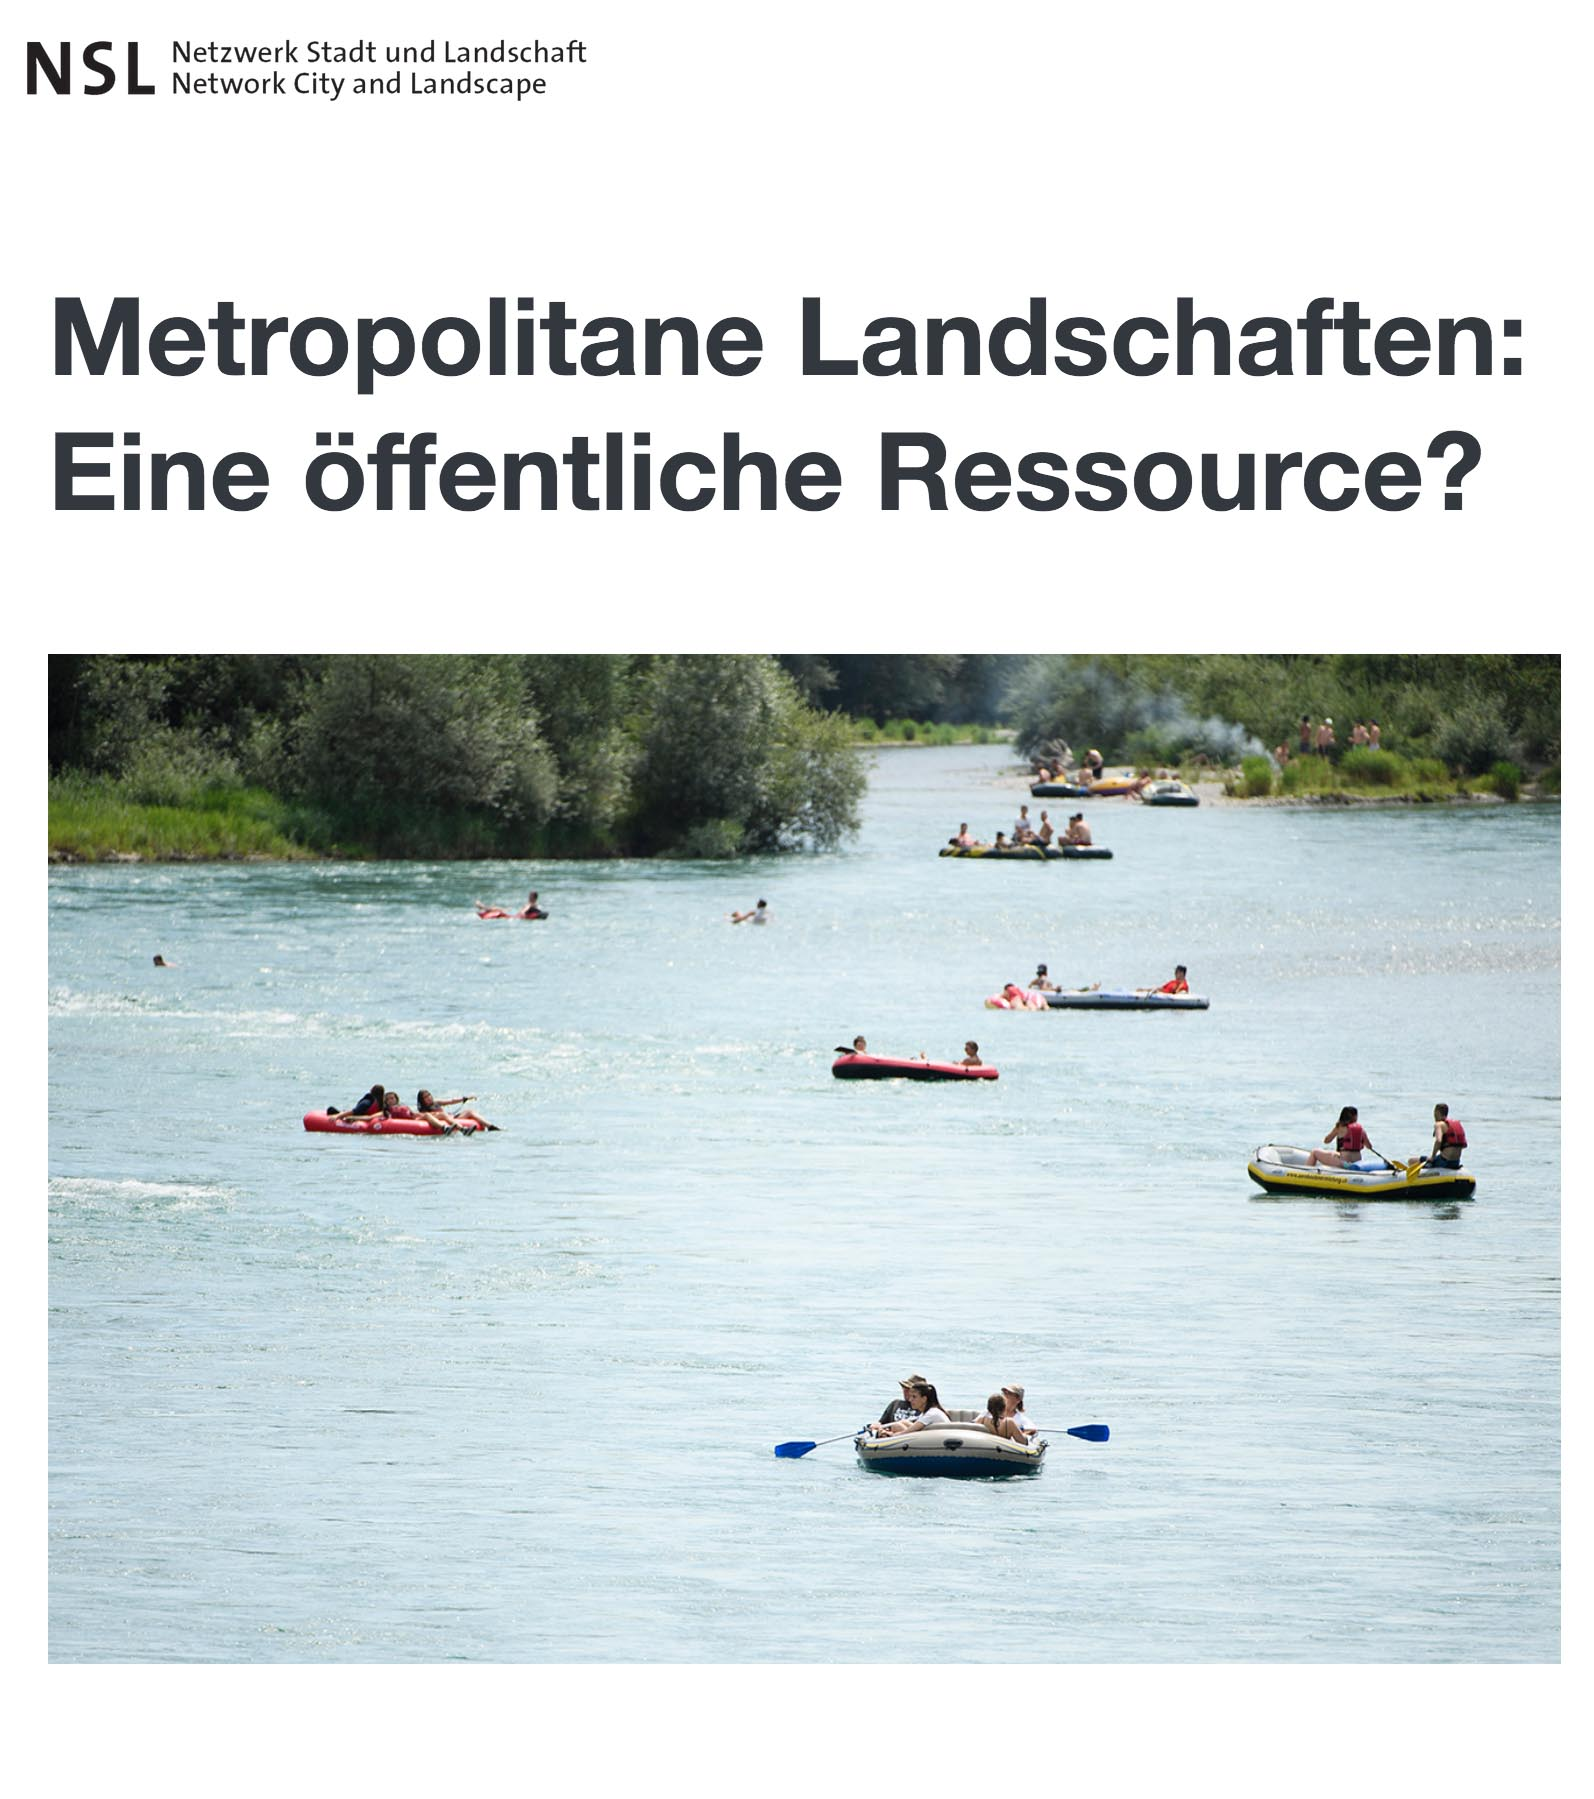 Metropolitane Landschaften: Eine öffentliche Ressource?  Thomas Kissling & Daia Stutz in: Netzwerk Stadt und Landschaft NSL, Newsletter Oktober 2018